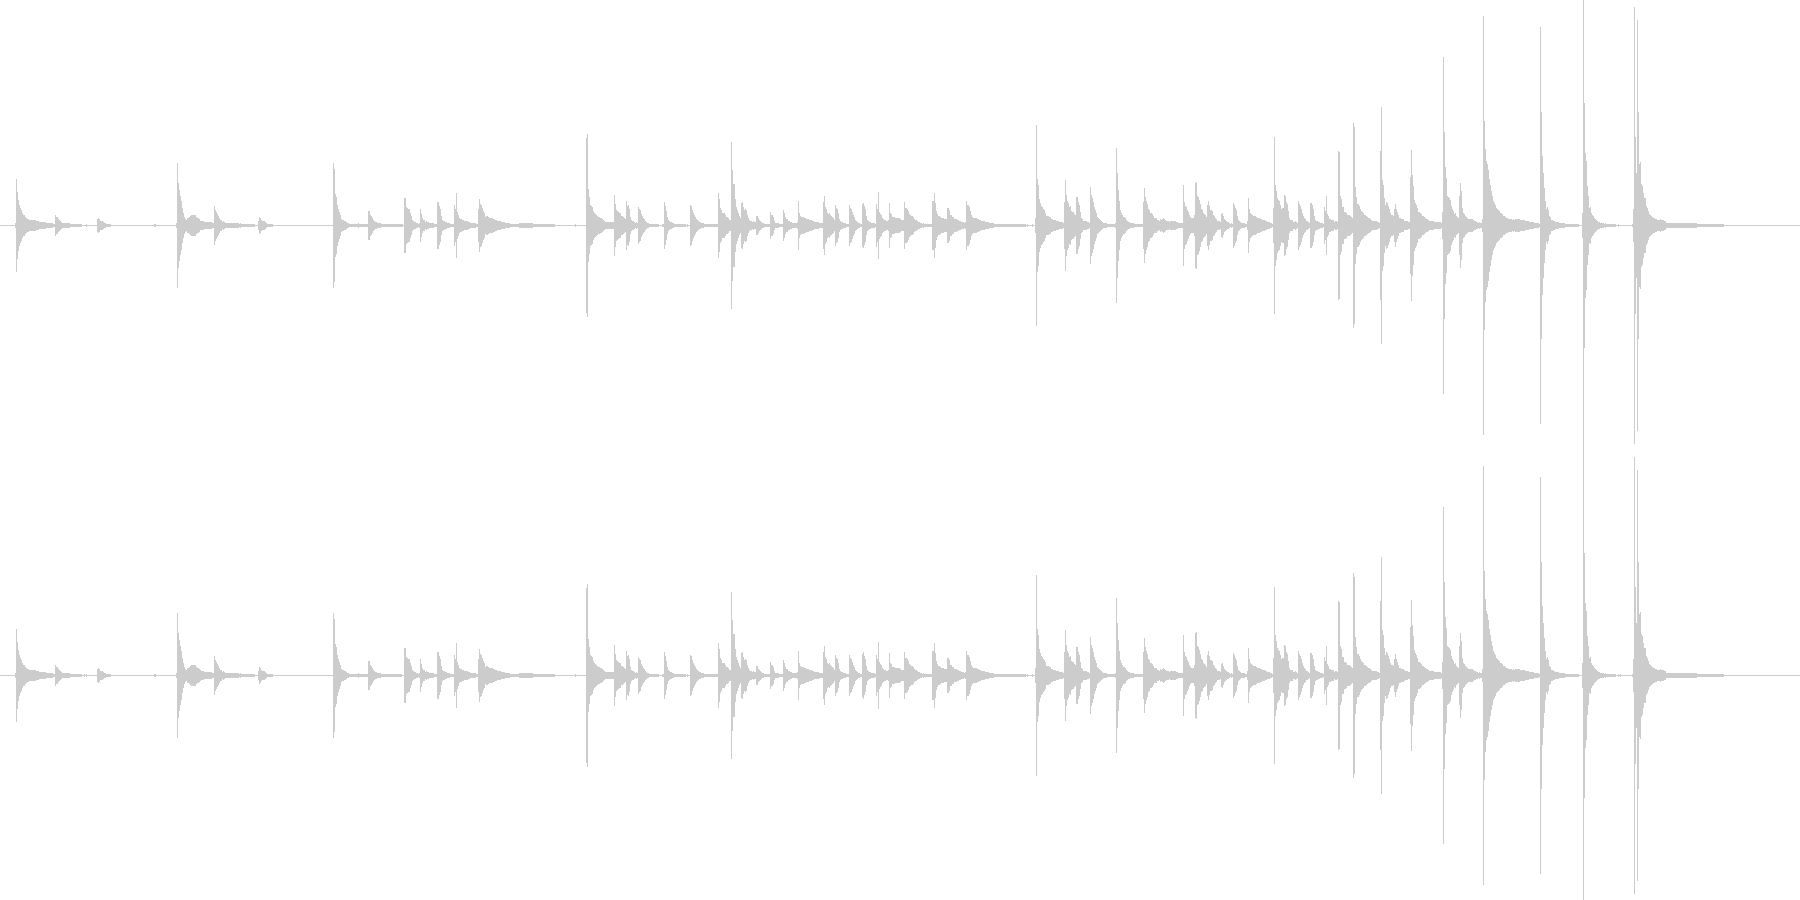 三味線レッスンの未再生の波形